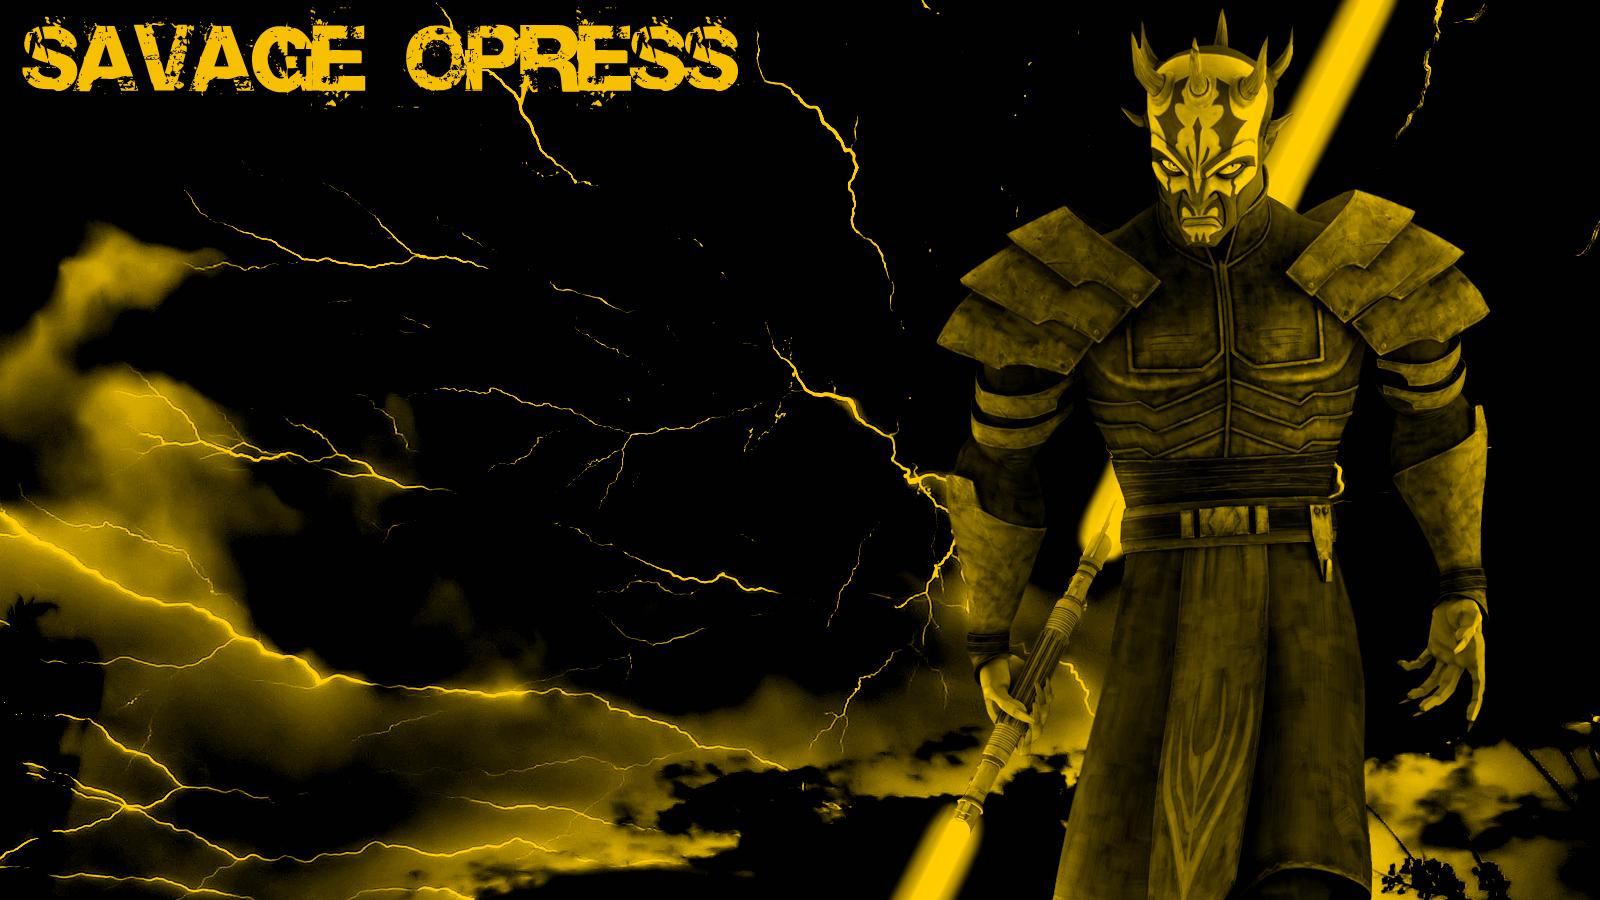 Savage Opress Wallpaper The Star Wars Underworld